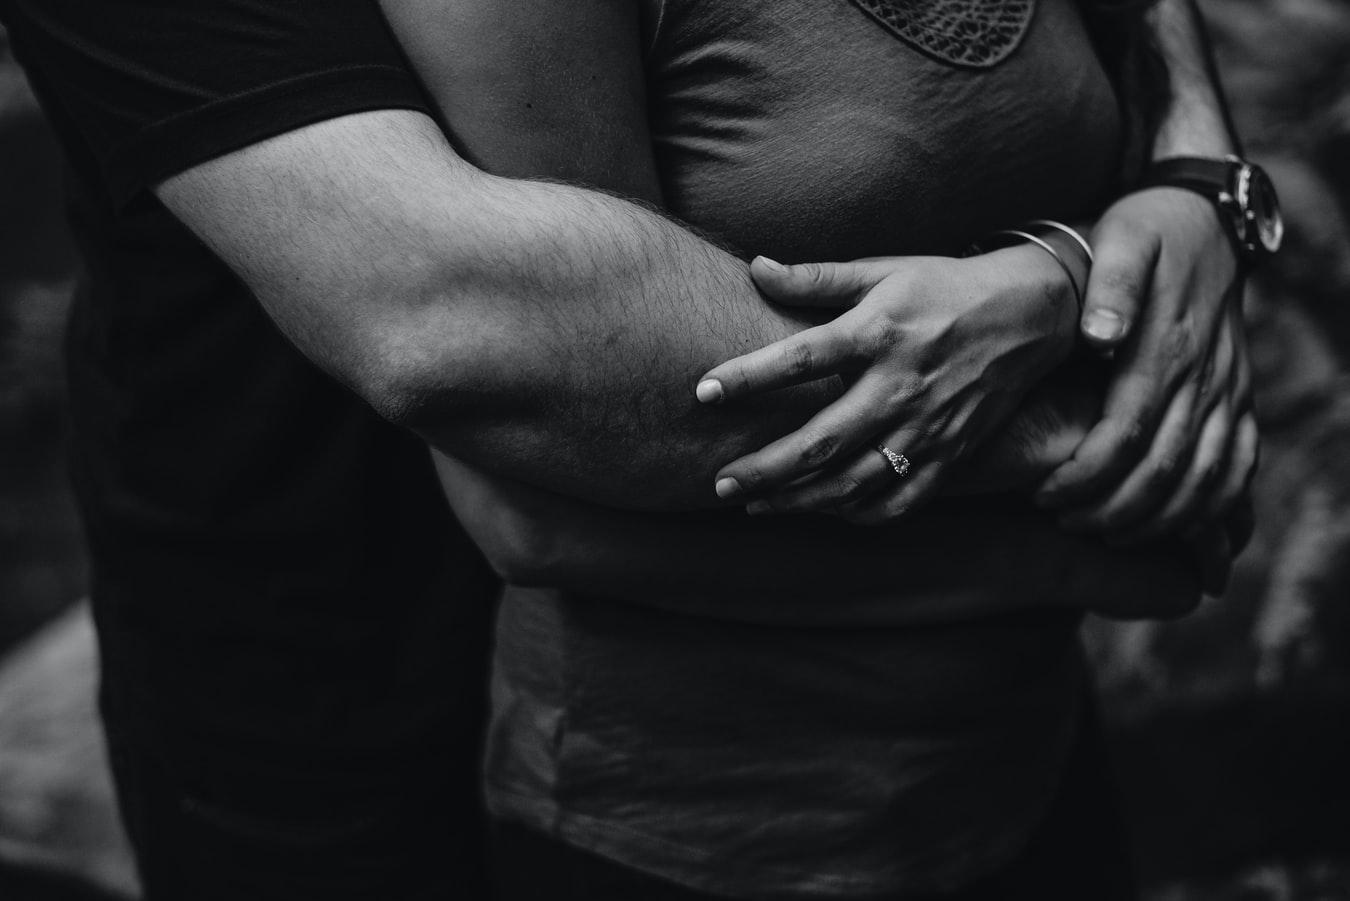 Las relaciones sexuales en tiempos del COVID-19